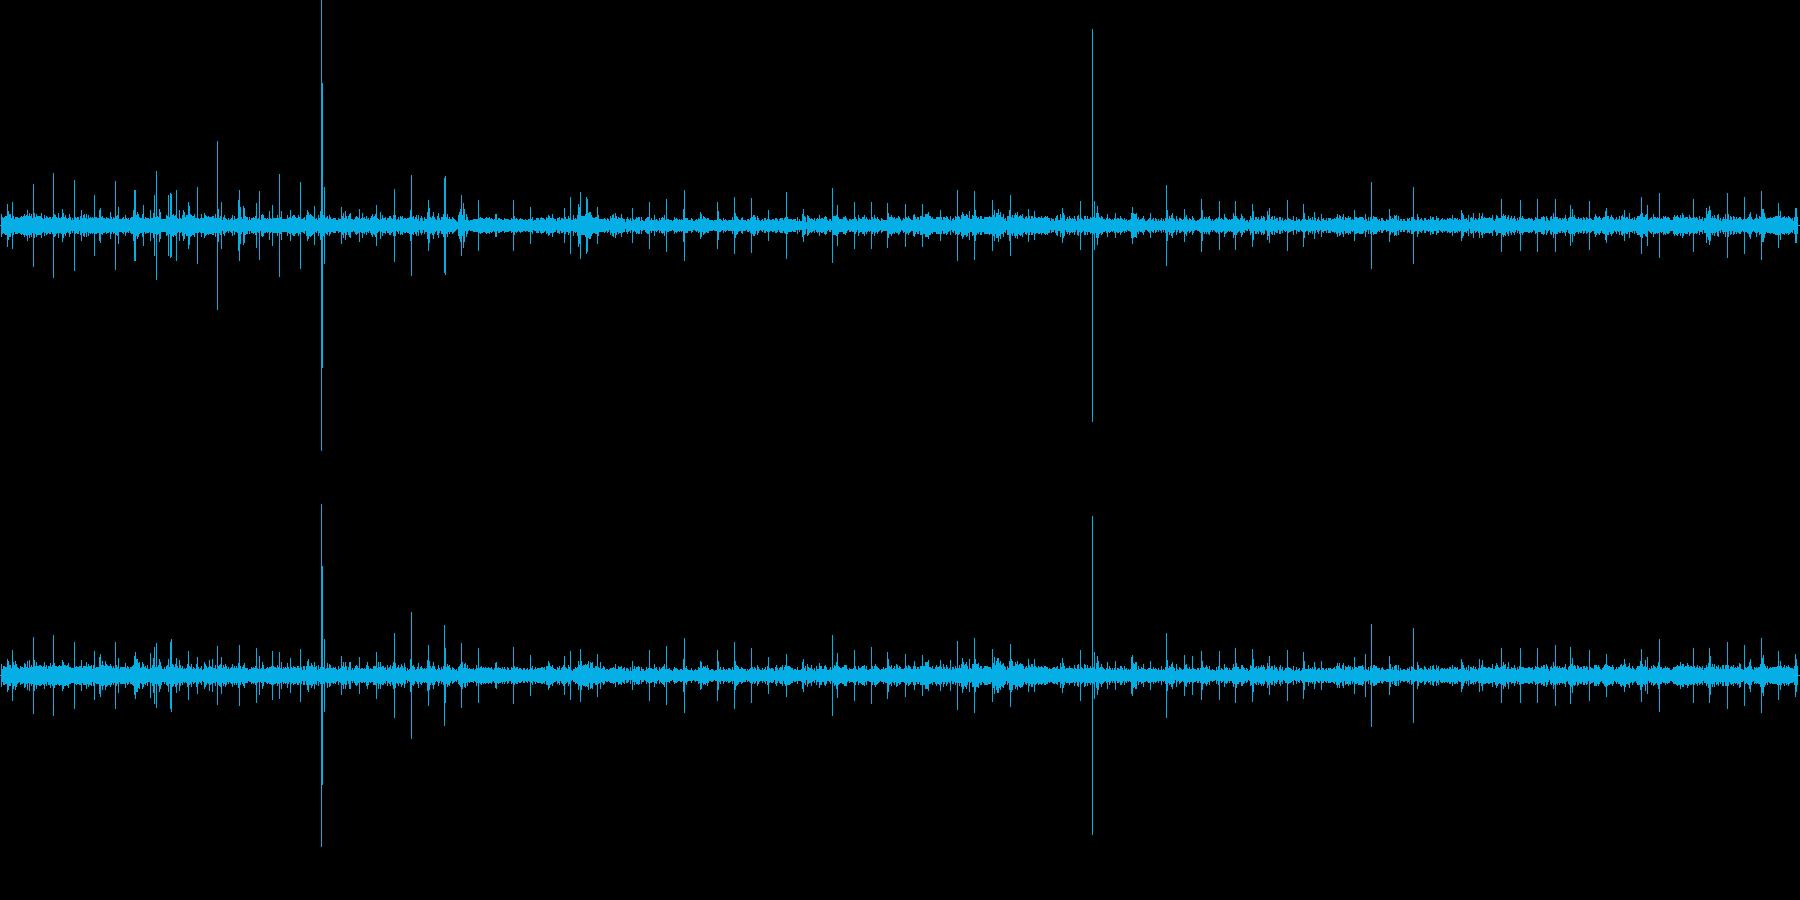 ぱらぱら・ケロケロ・ぴちゃぴちゃの再生済みの波形